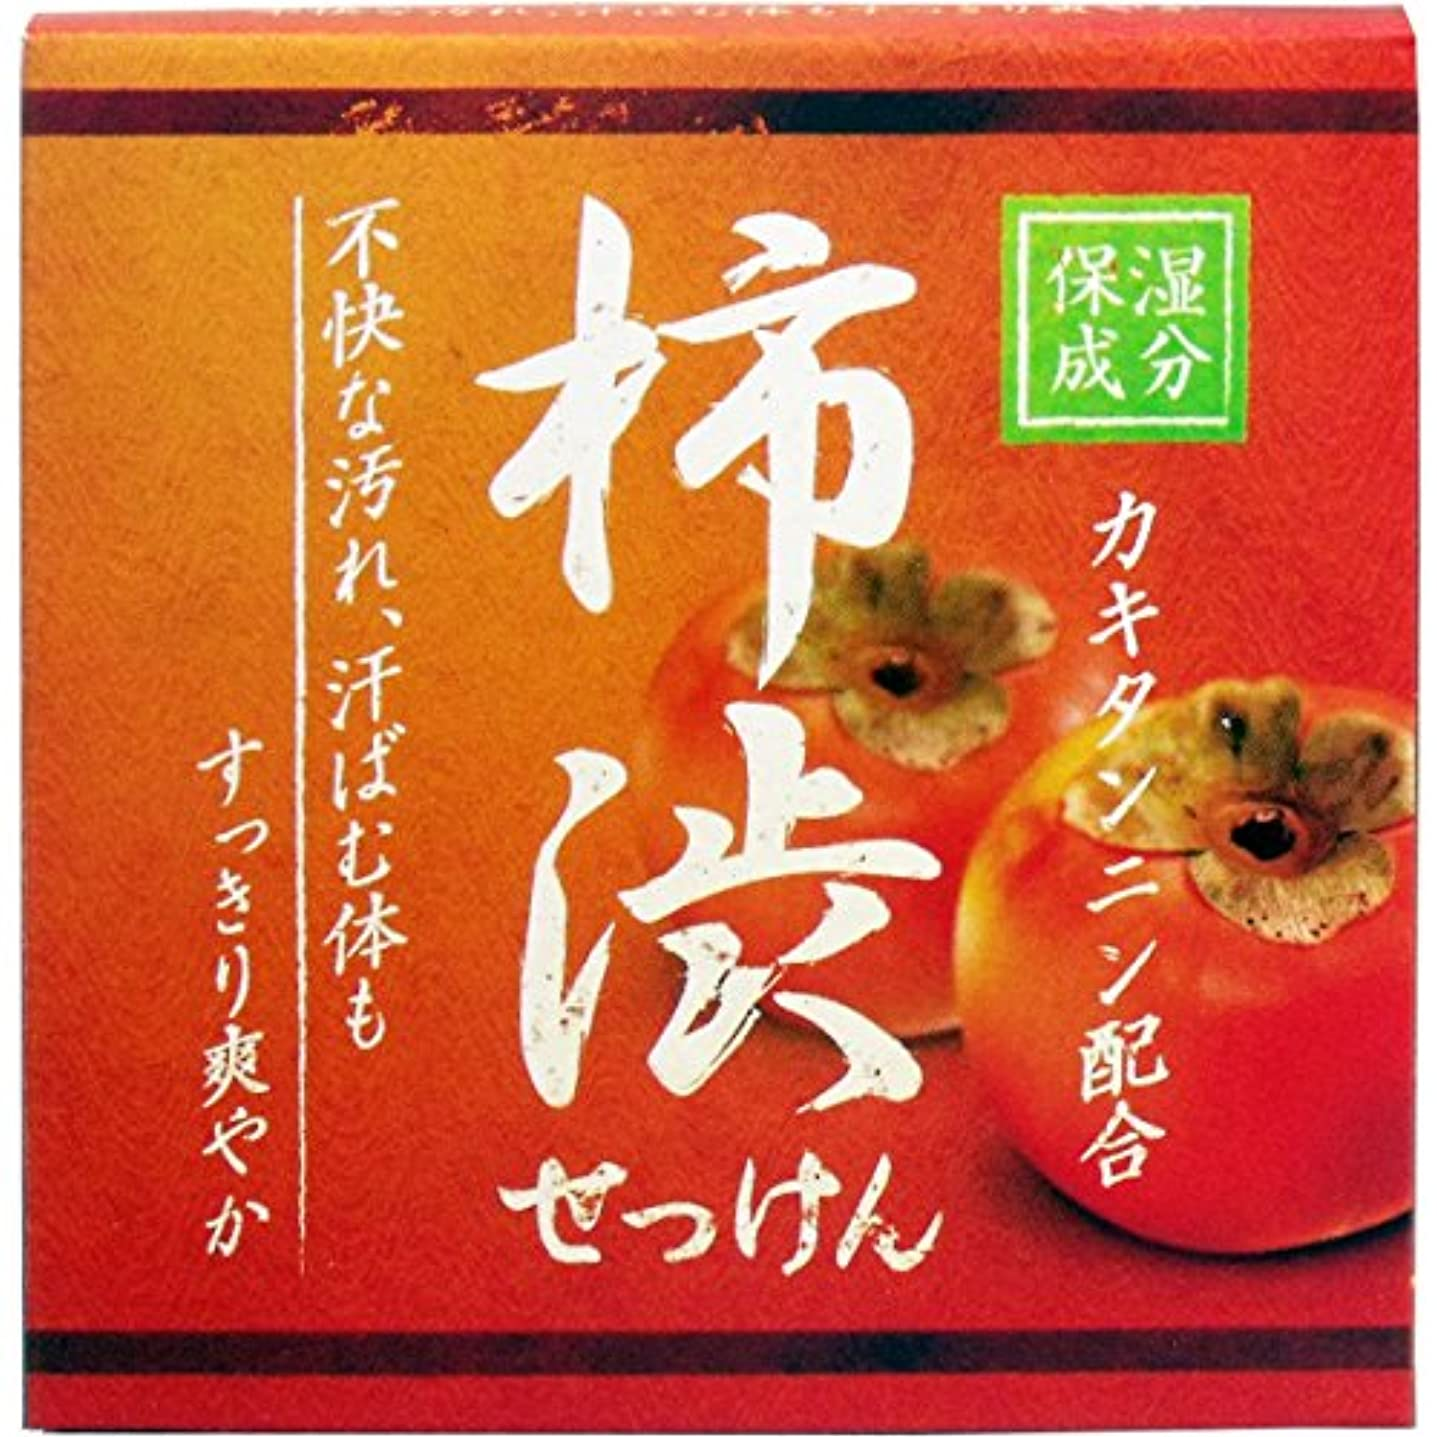 視聴者ホイスト火曜日クロバーコーポレーション 柿渋配合石けん 石鹸 セッケン せっけん HYA-SKA 80g×3